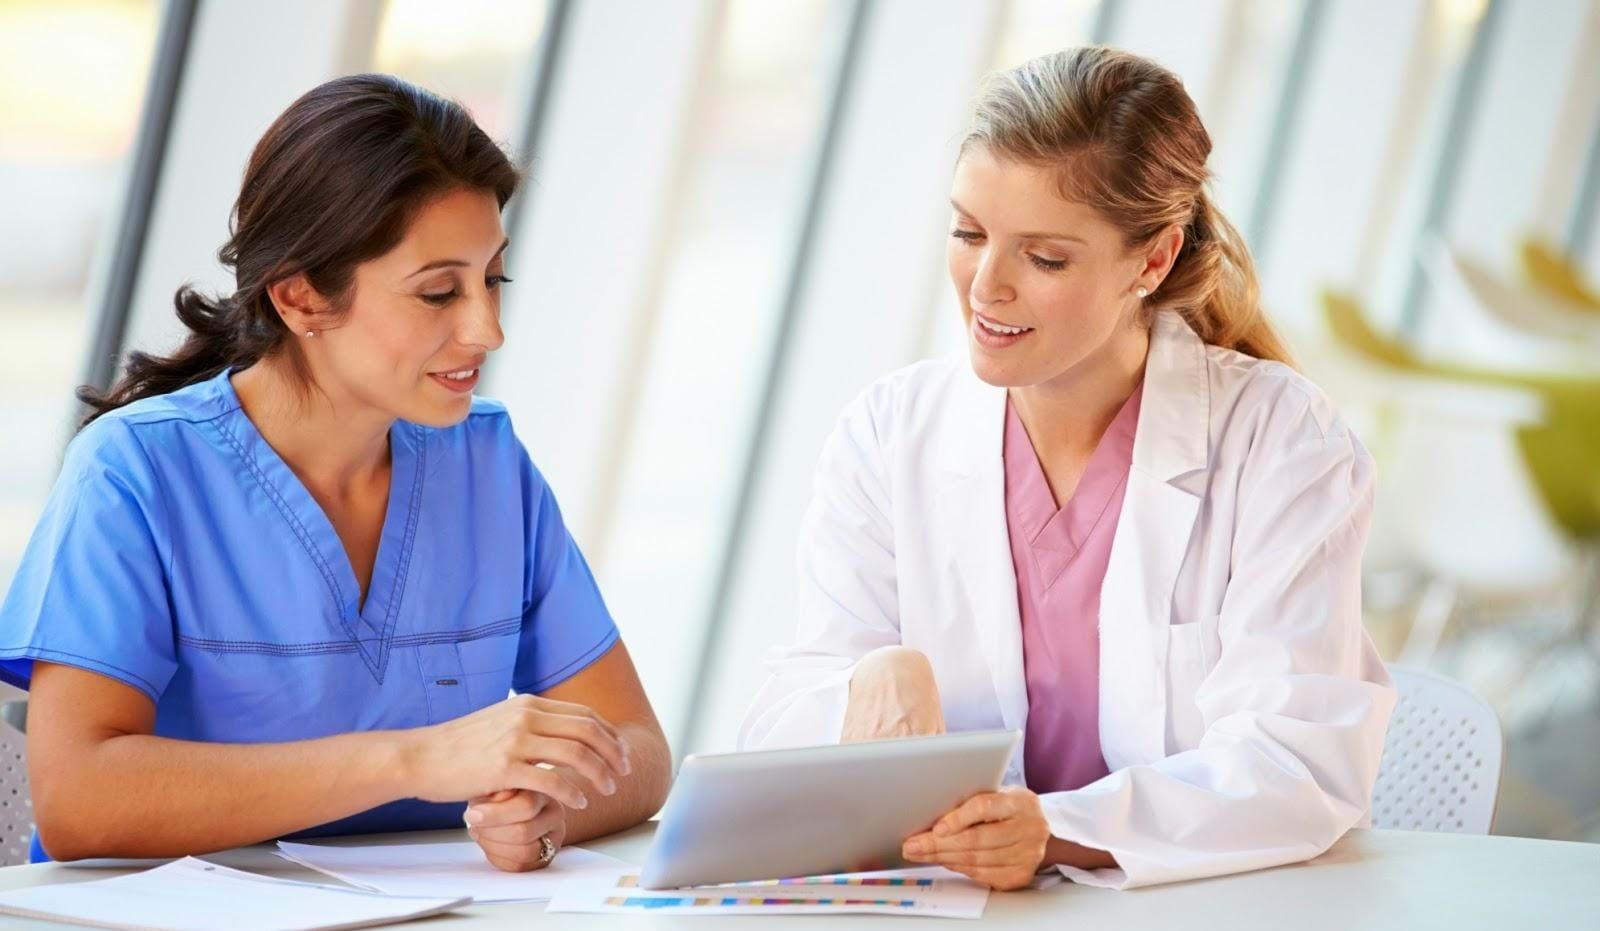 Phụ nữ mang thai cần xét nghiệm virus viêm gan B để có biện pháp phòng ngừa cho con hiệu quả